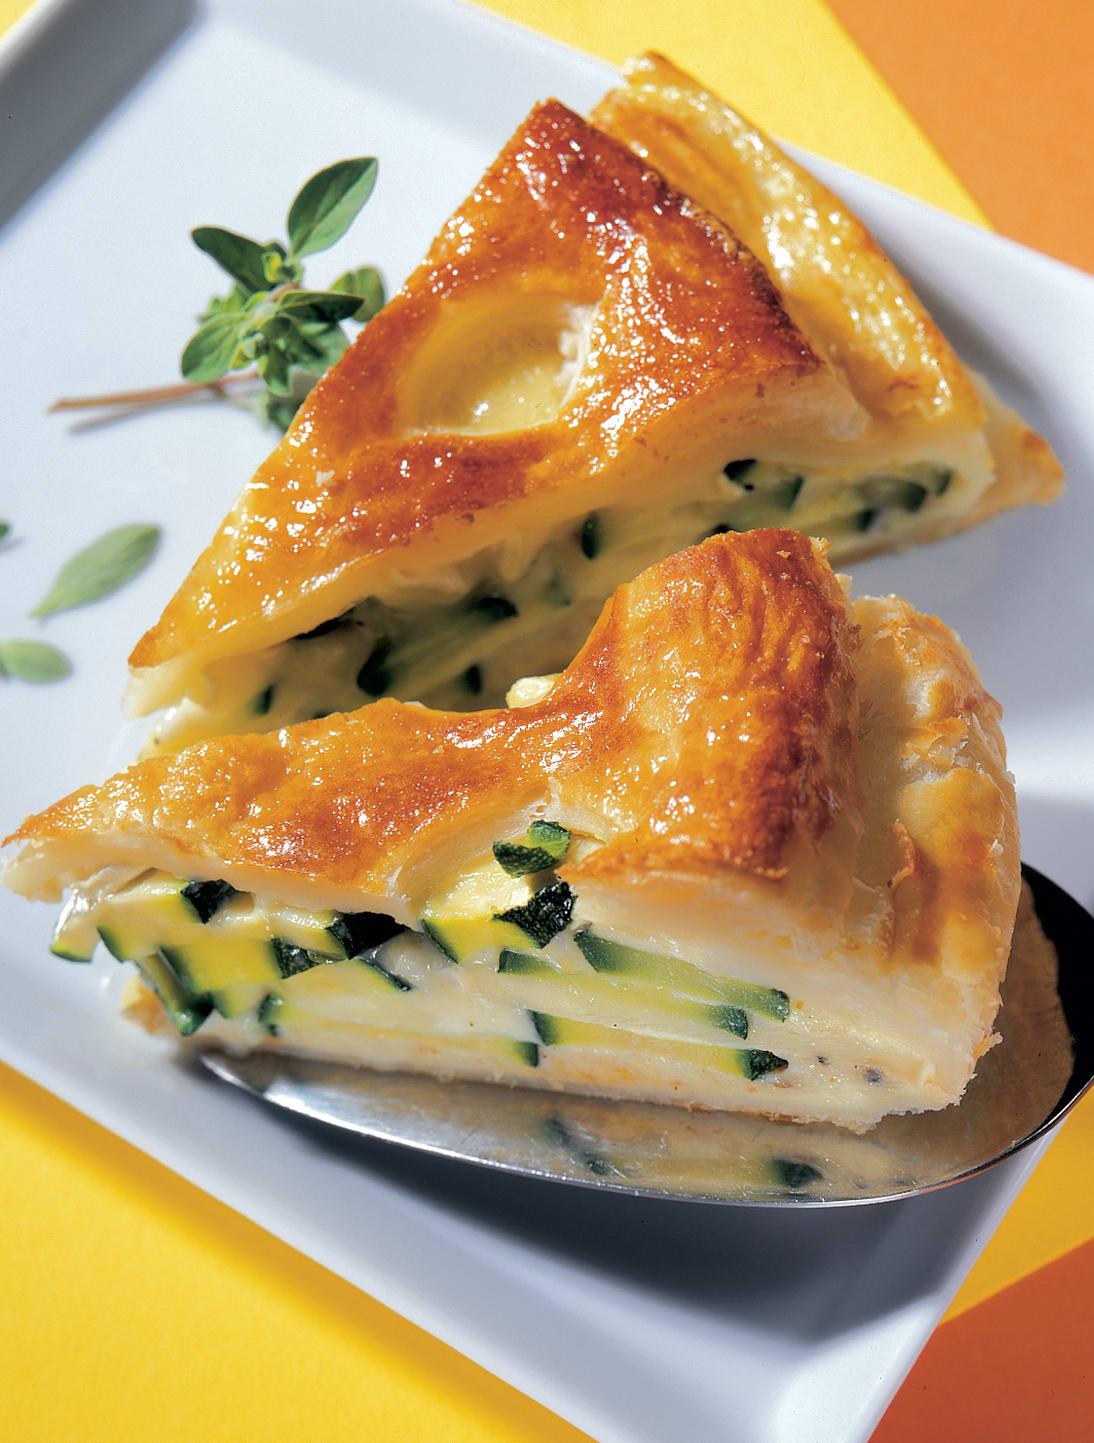 Tourte au fromage